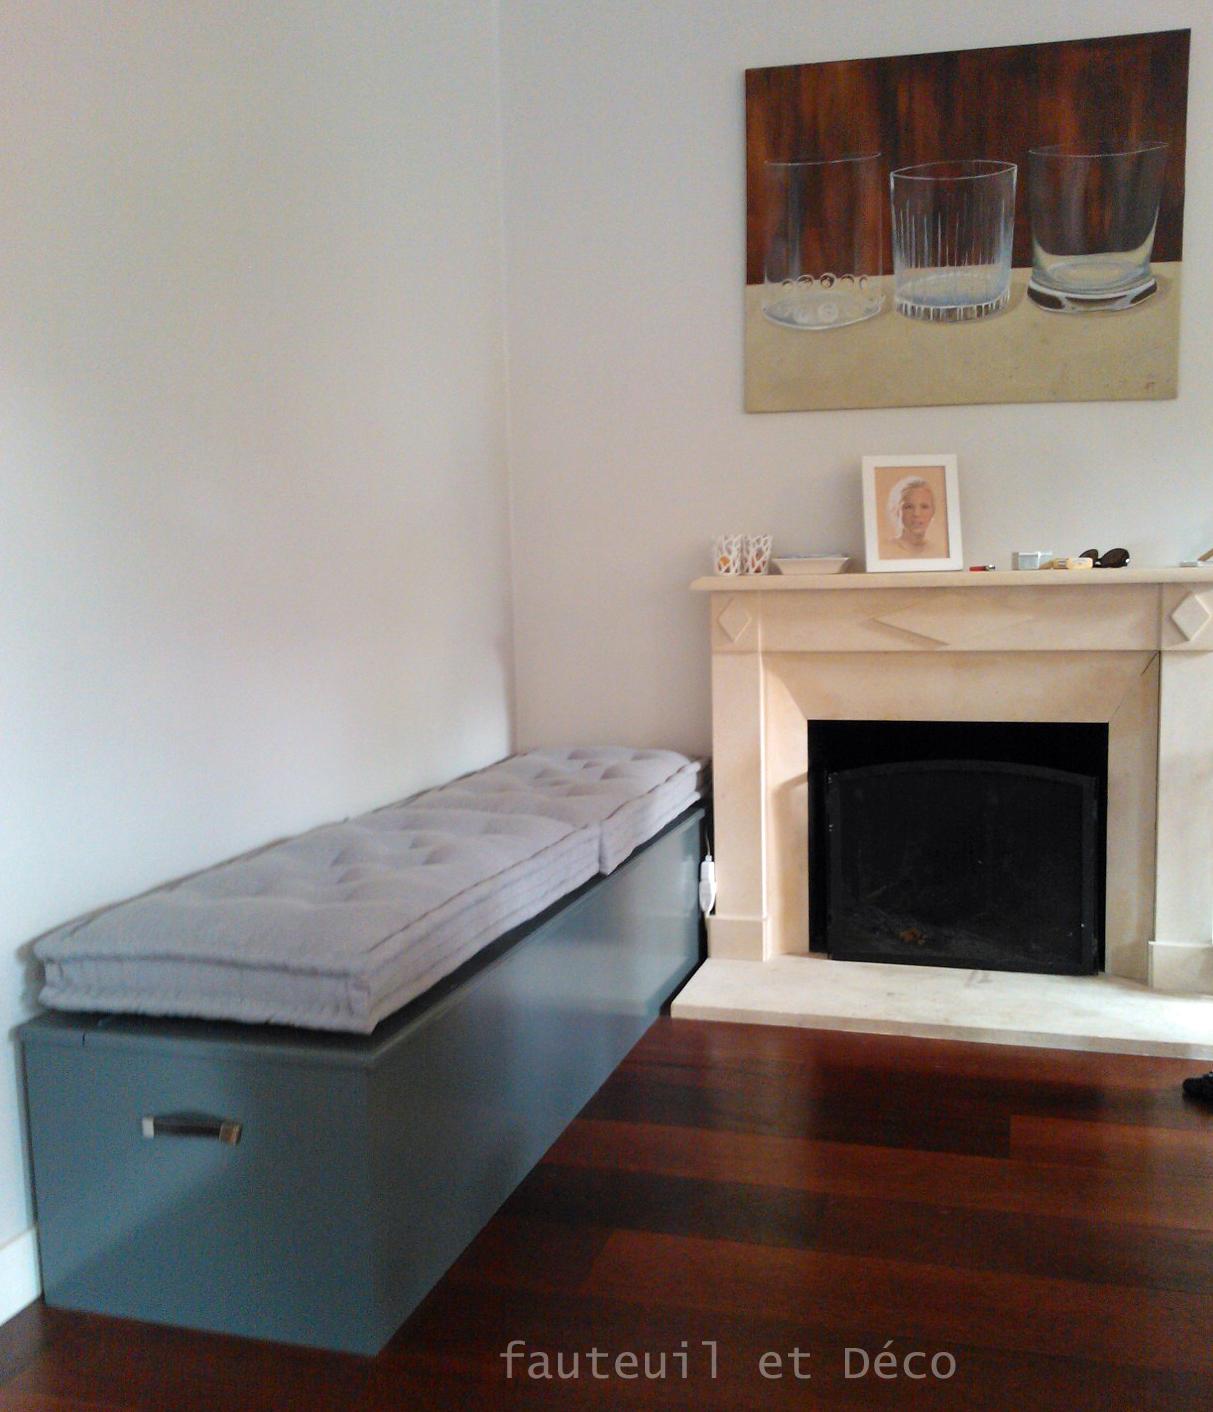 coussins tapissier fauteuil d co. Black Bedroom Furniture Sets. Home Design Ideas